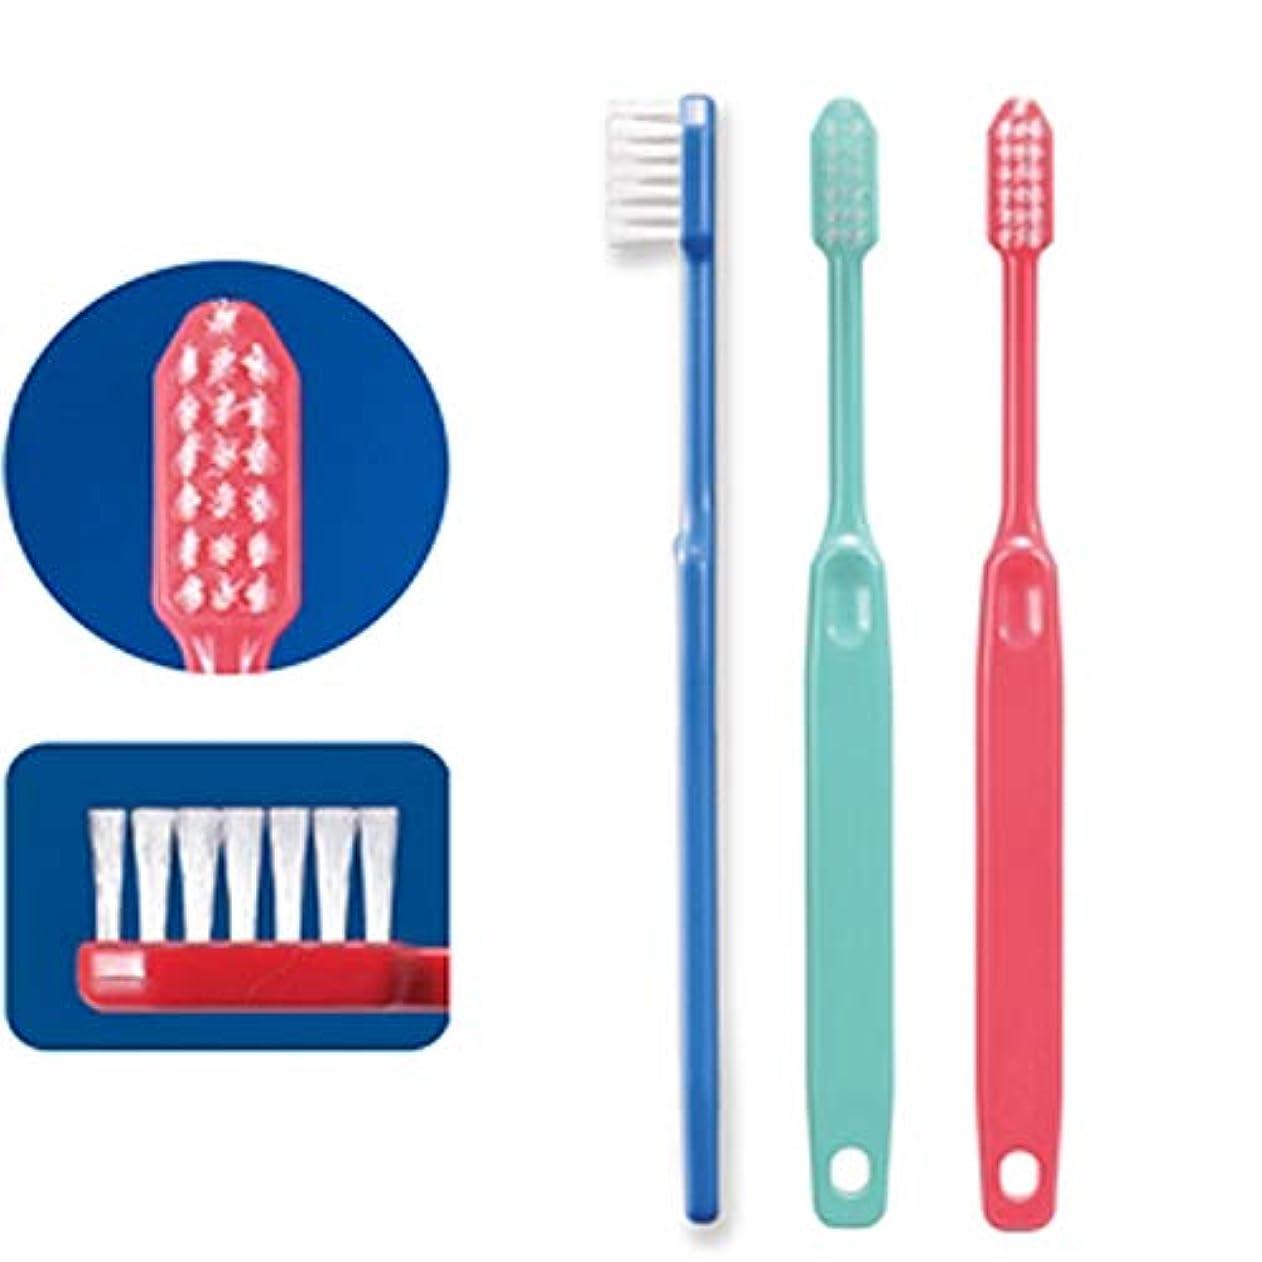 アロング熟読たぶんCi22(ふつう)(疎毛タイプ)コンパクトヘッド歯ブラシ×10本 歯科専用